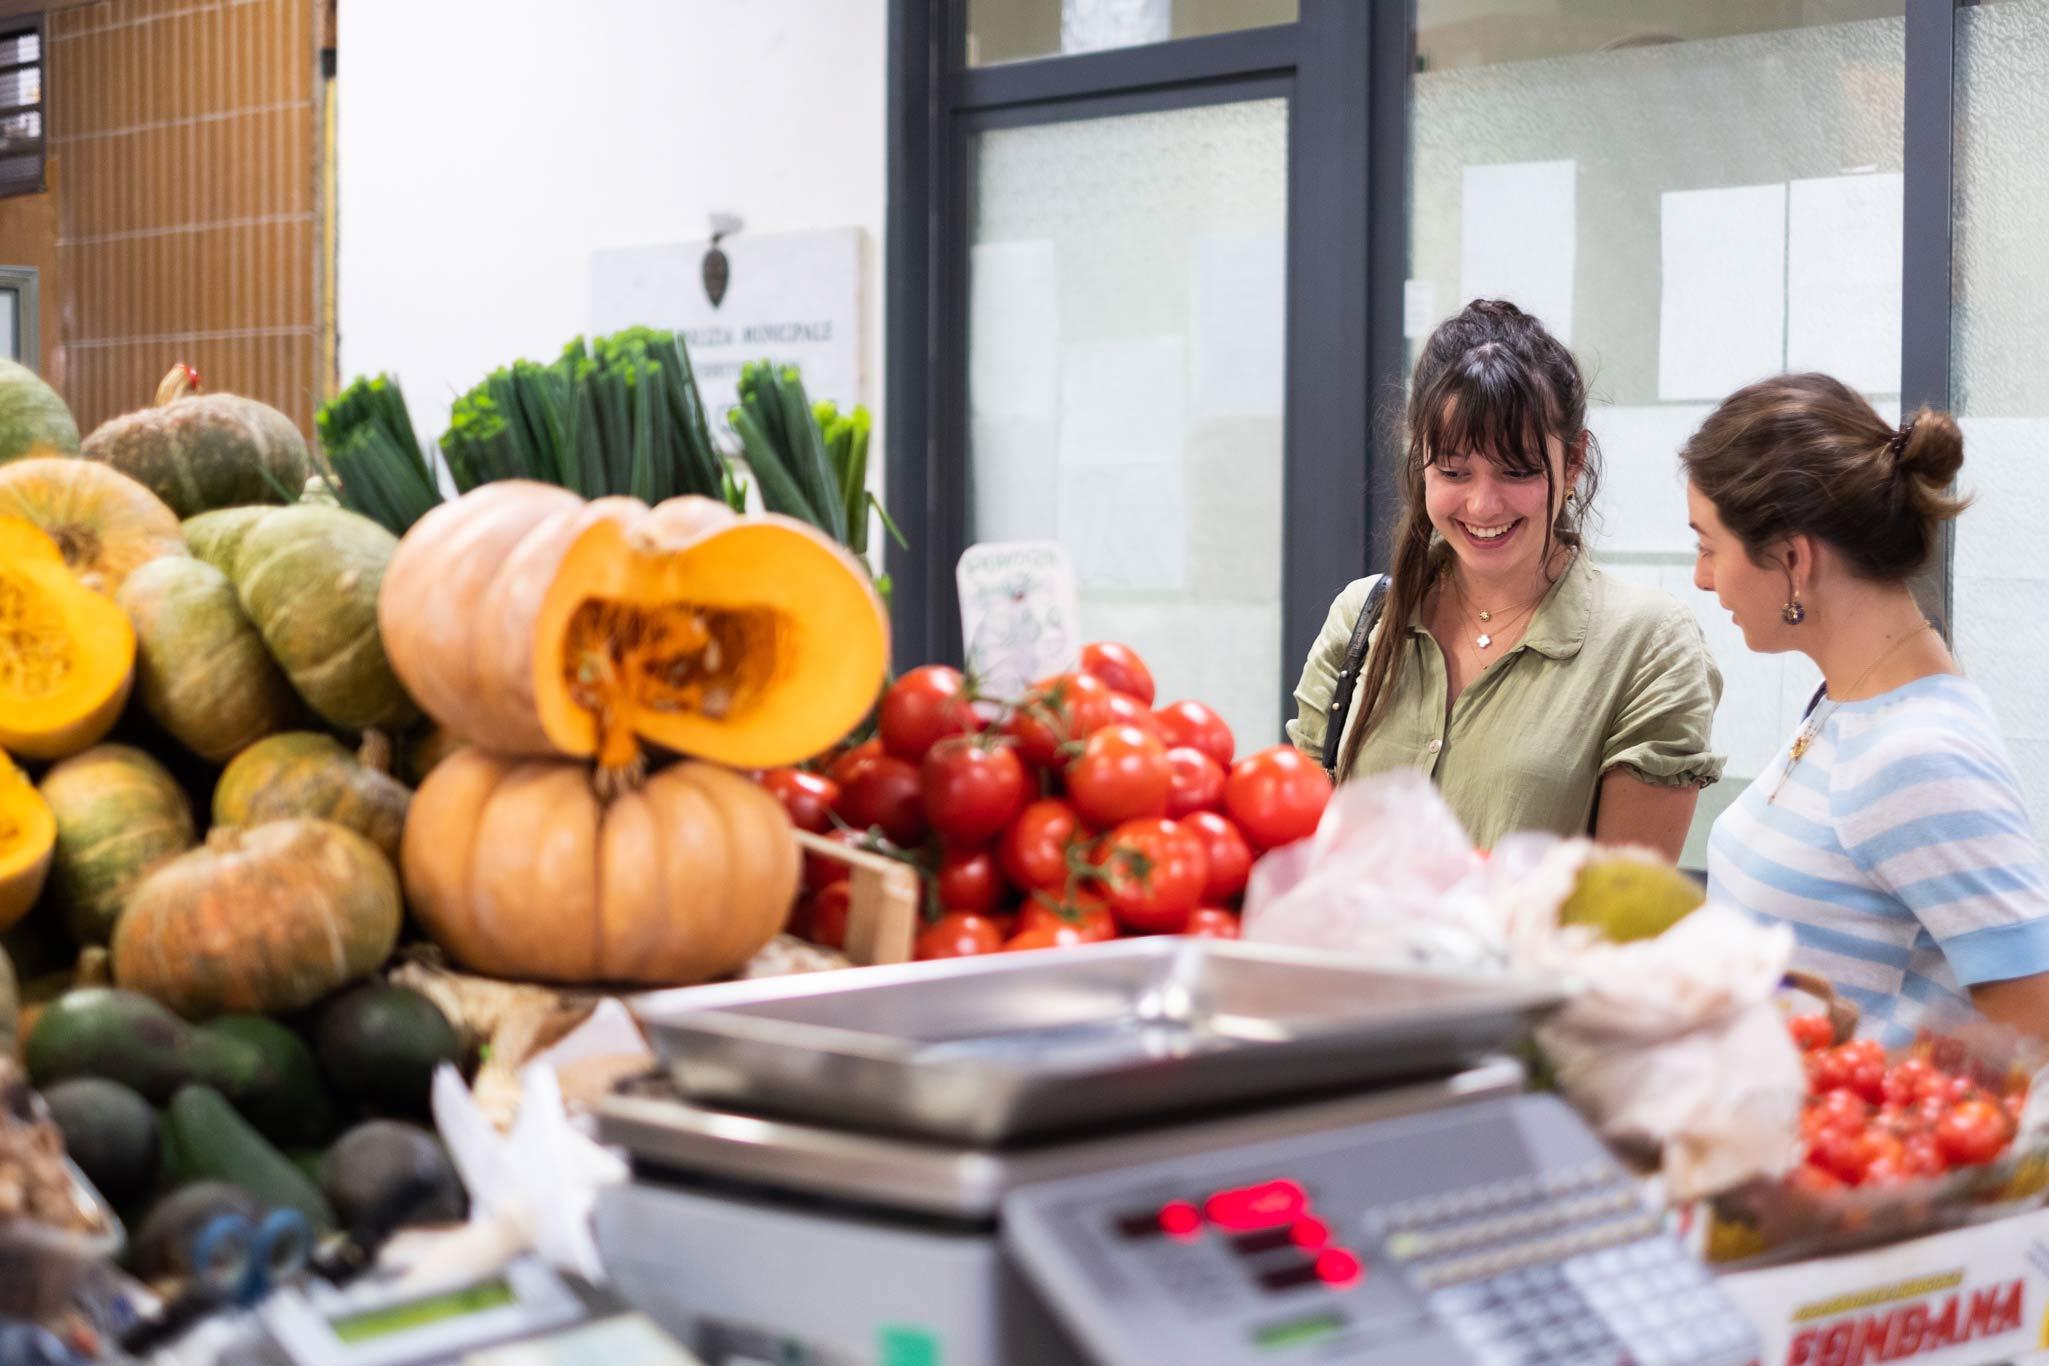 mercato alimentare italiano a firenze